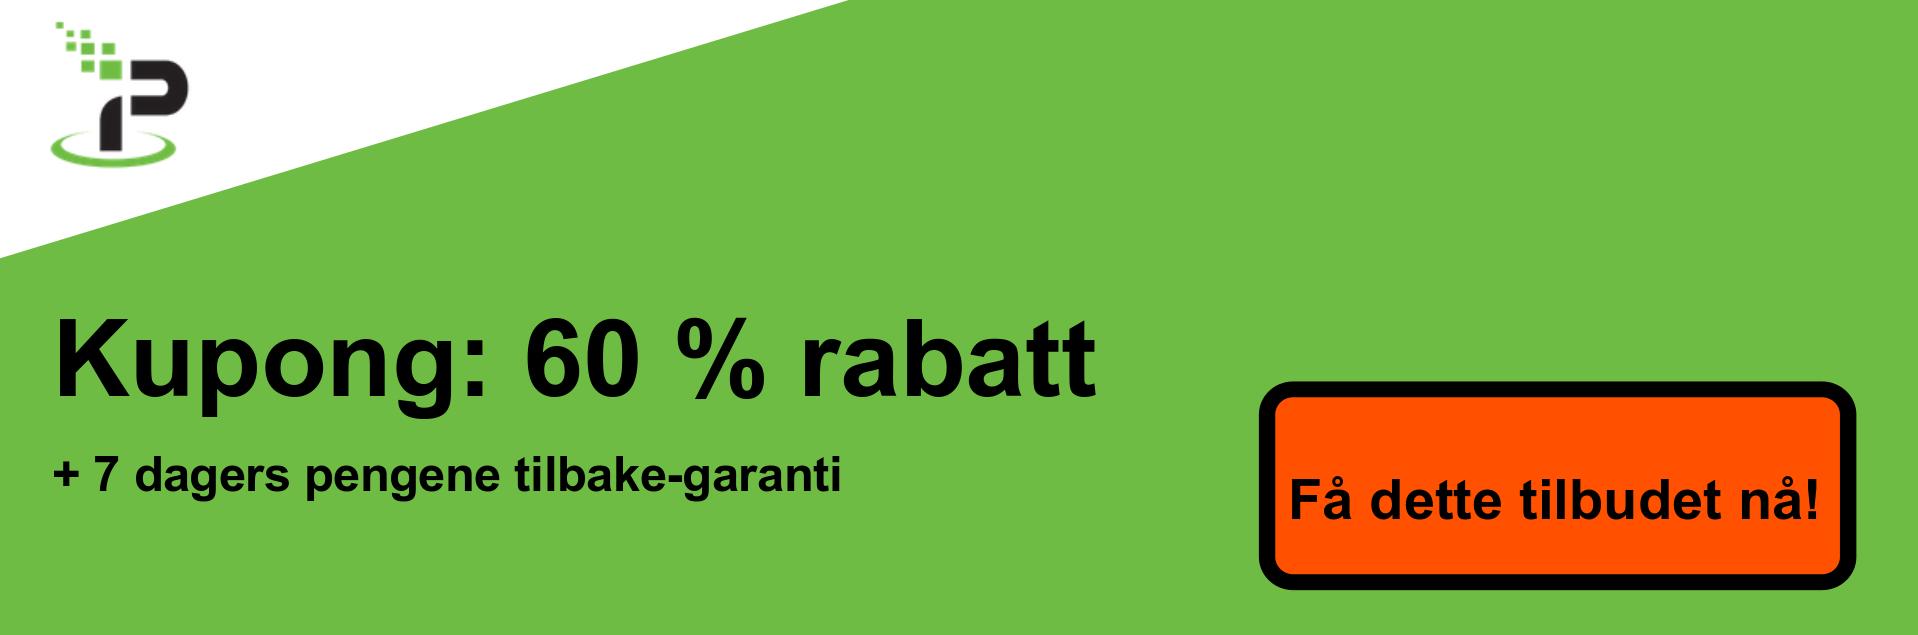 IPVanish kupongbanner - 60% avslag